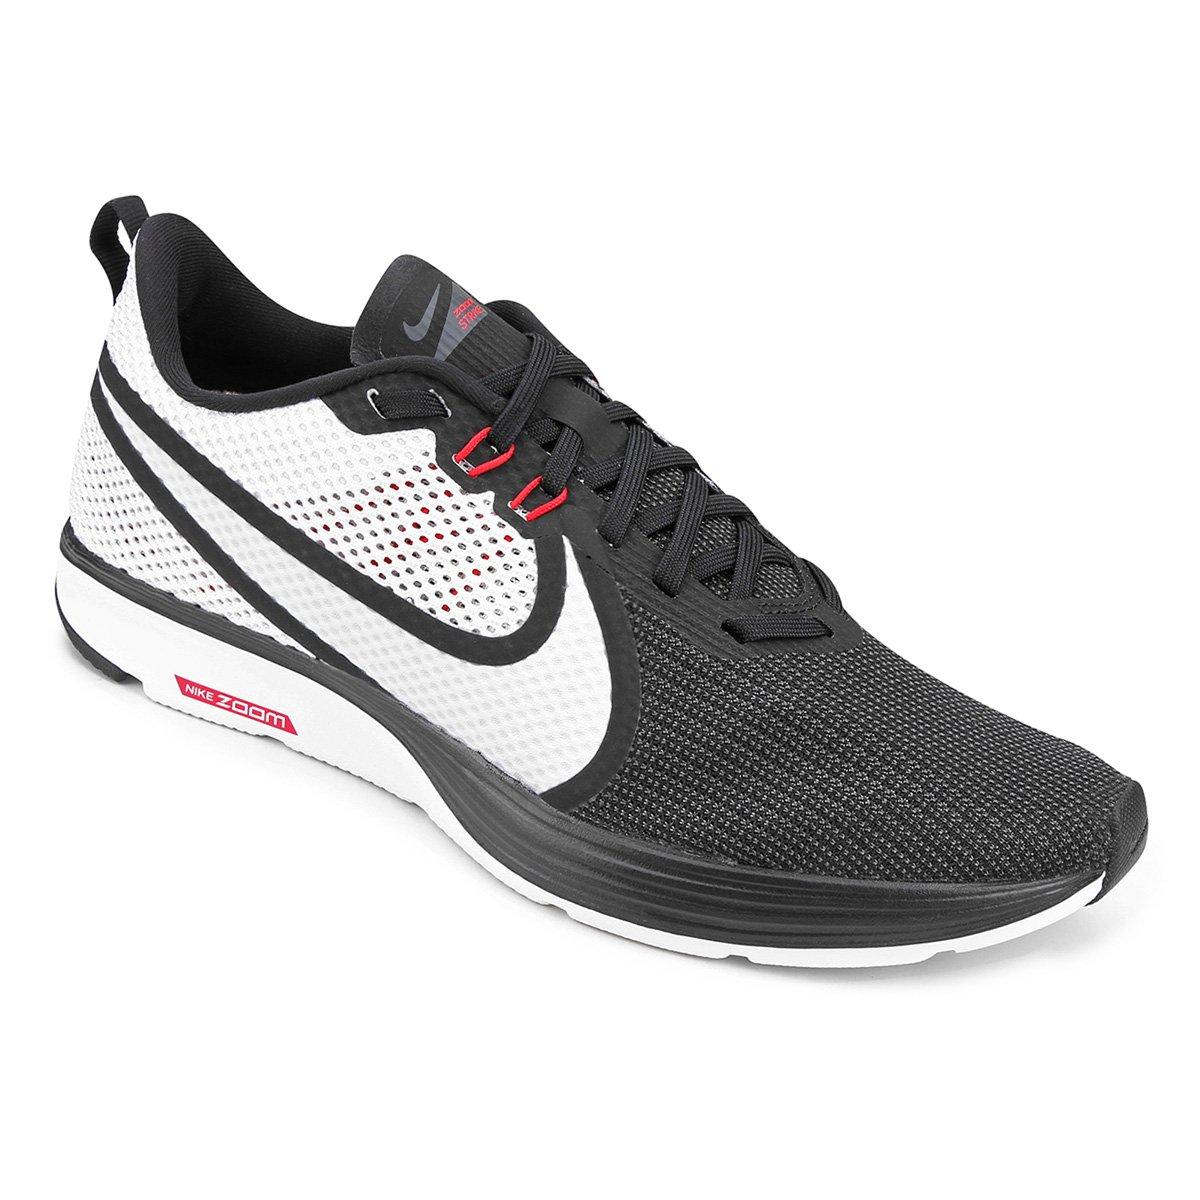 cbbdcec36 Tênis Nike Zoom Strike 2 Masculino - Preto e Gelo - Compre Agora ...